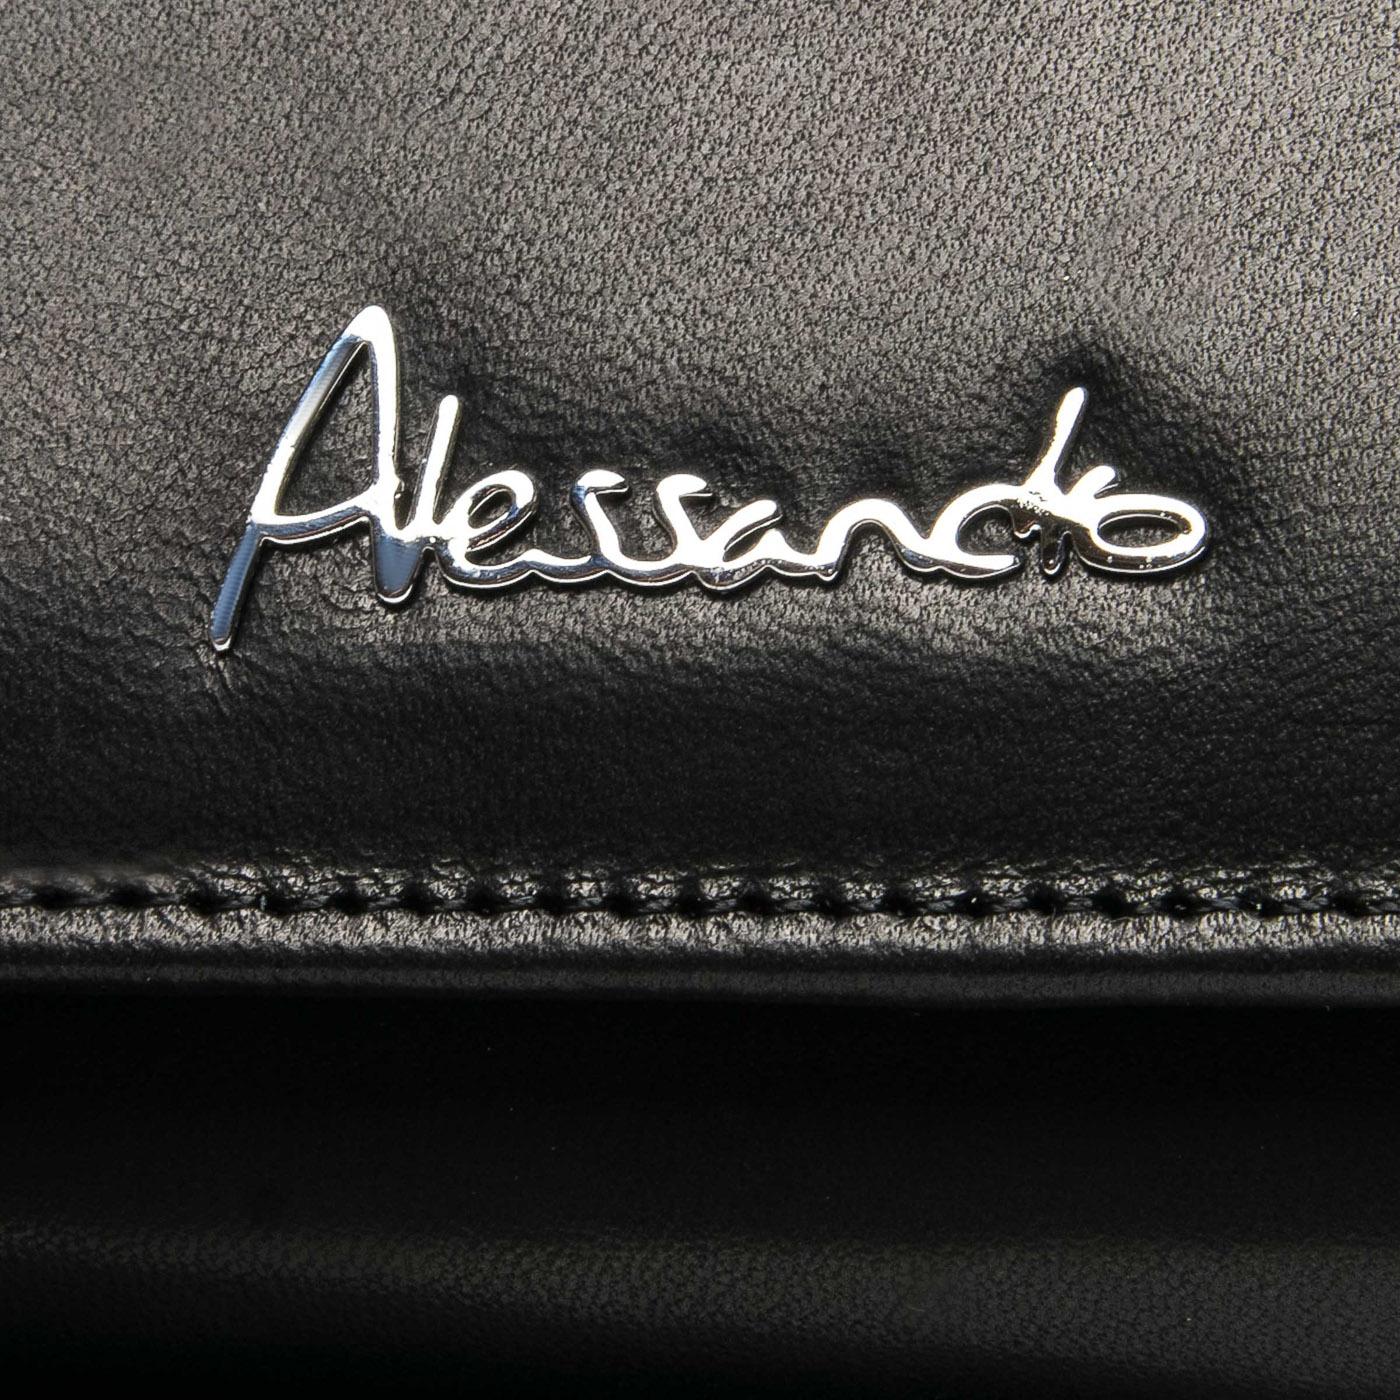 Кошелек NAPPA кожа ALESSANDRO PAOLI W501 black - фото 3